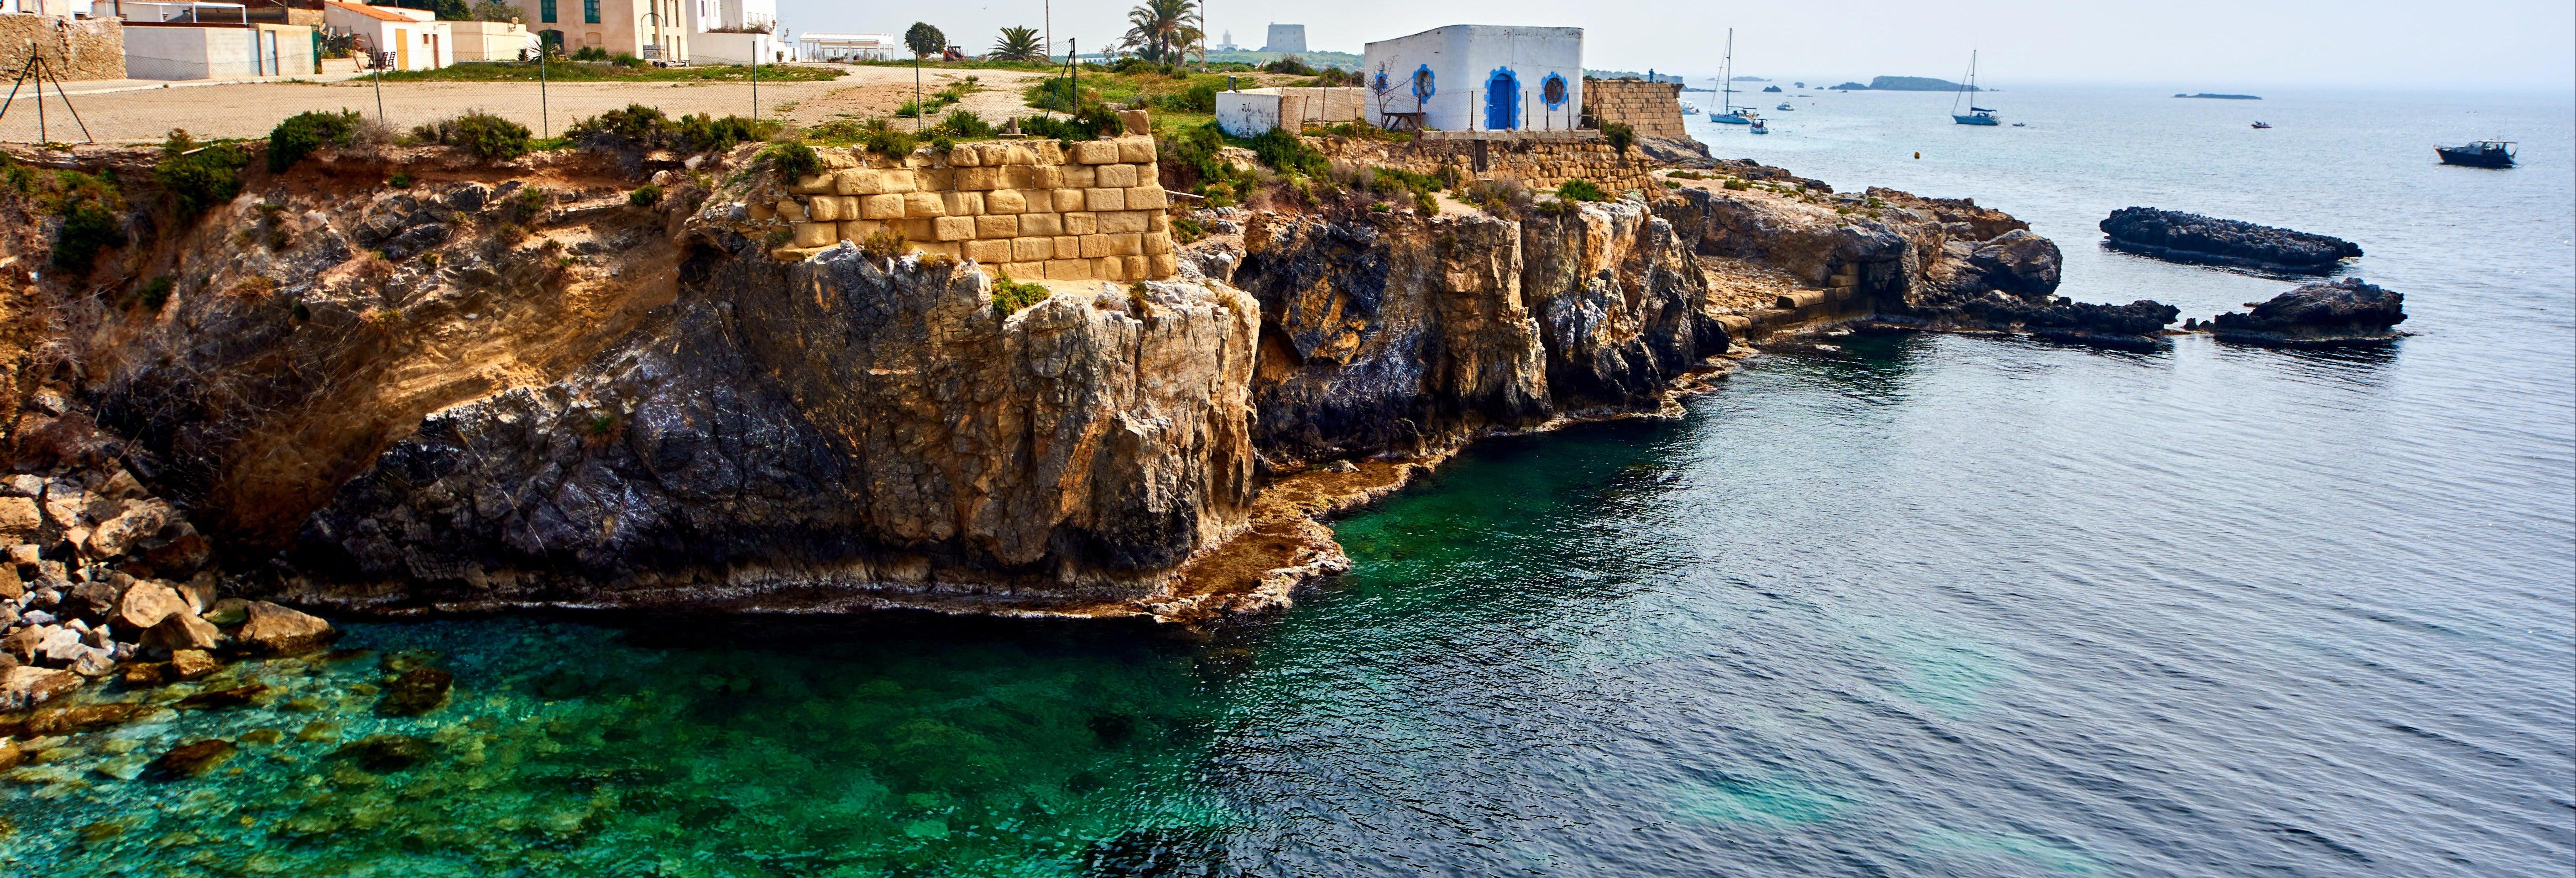 Excursión a la isla de Tabarca y palmeral de Elche